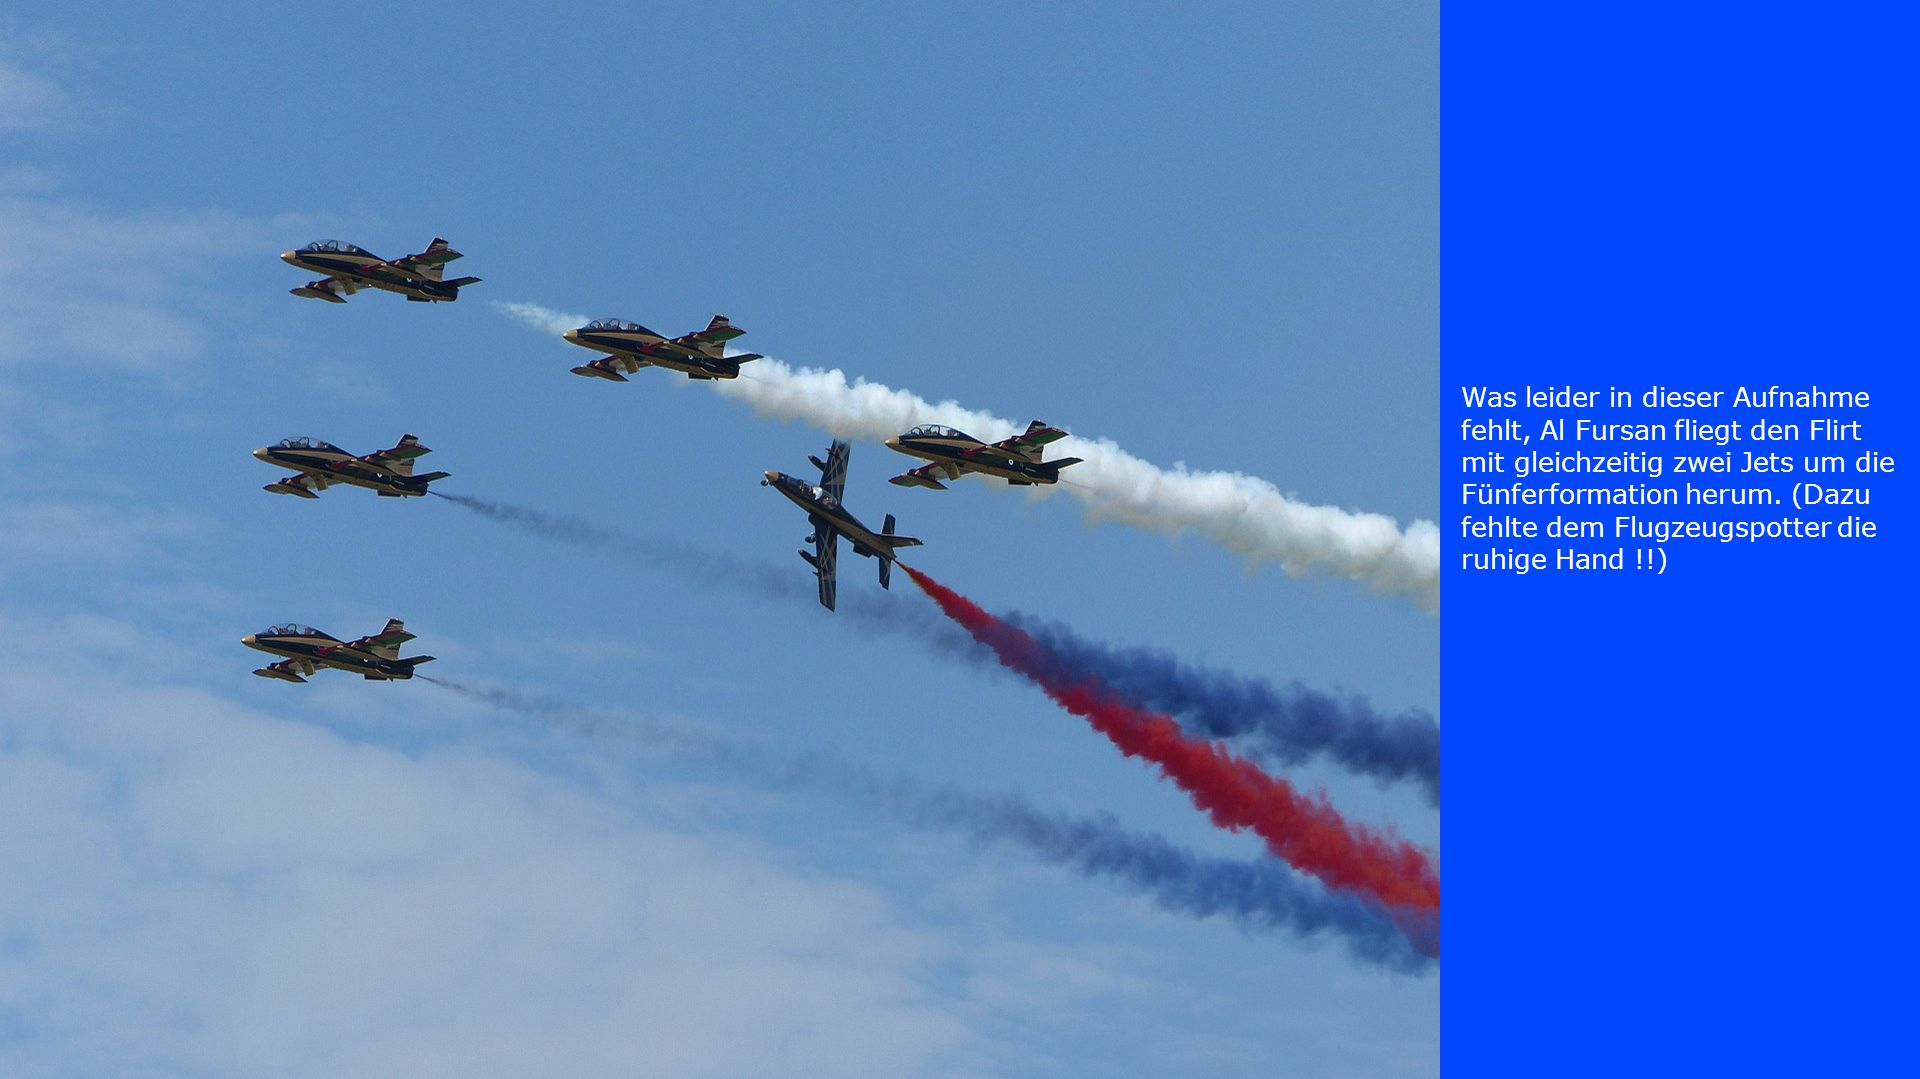 Was leider in dieser Aufnahme fehlt, Al Fursan fliegt den Flirt mit gleichzeitig zwei Jets um die Fünferformation herum. (Dazu fehlte dem Flugzeugspot